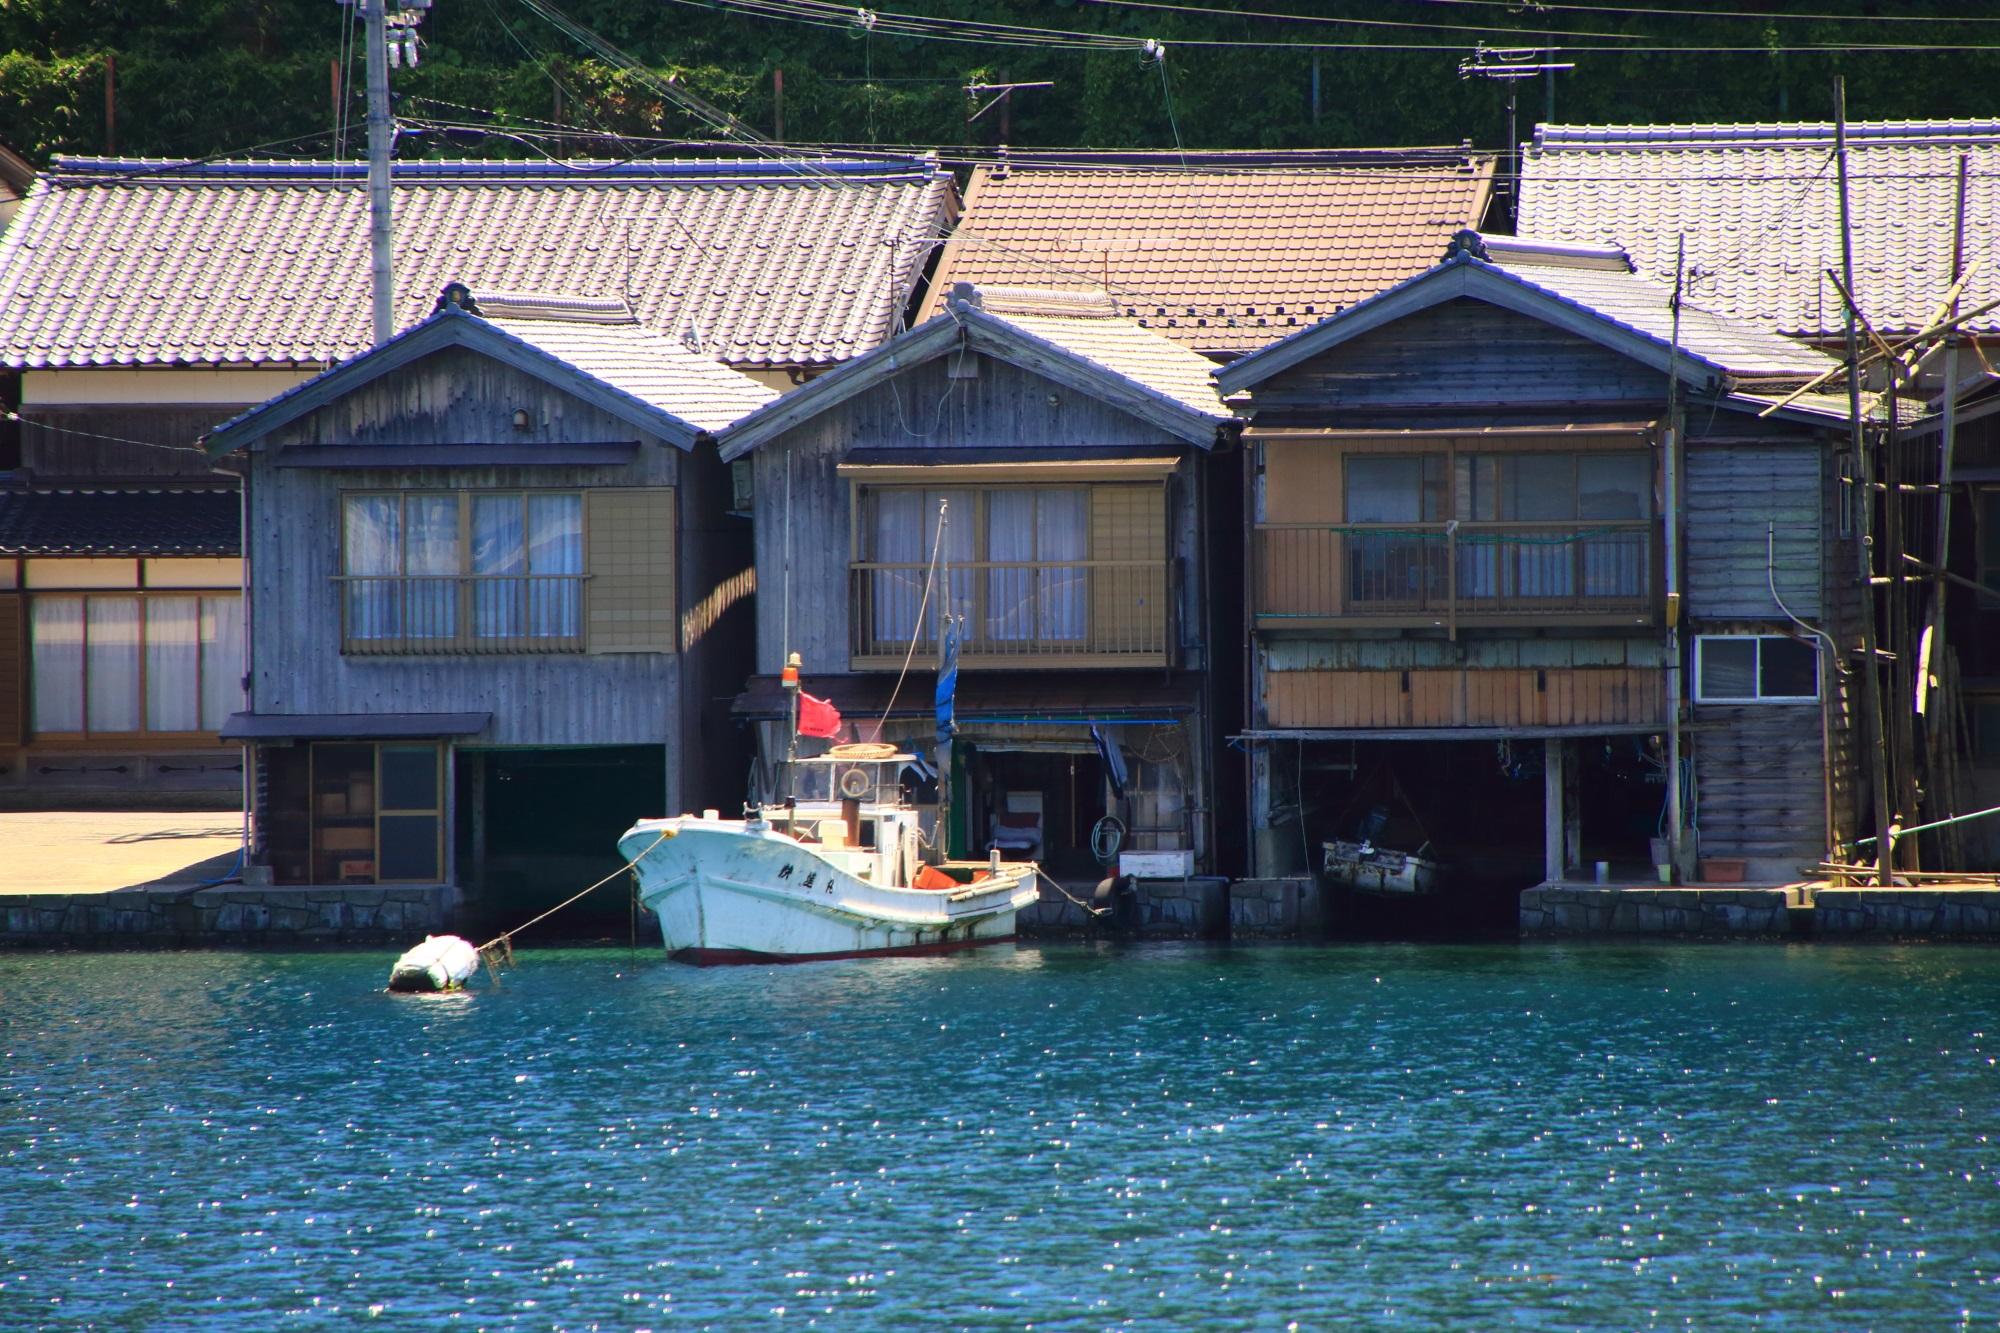 潮の満ち引きなどで沈んでしまわないかなど考えてしまう伊根の舟屋